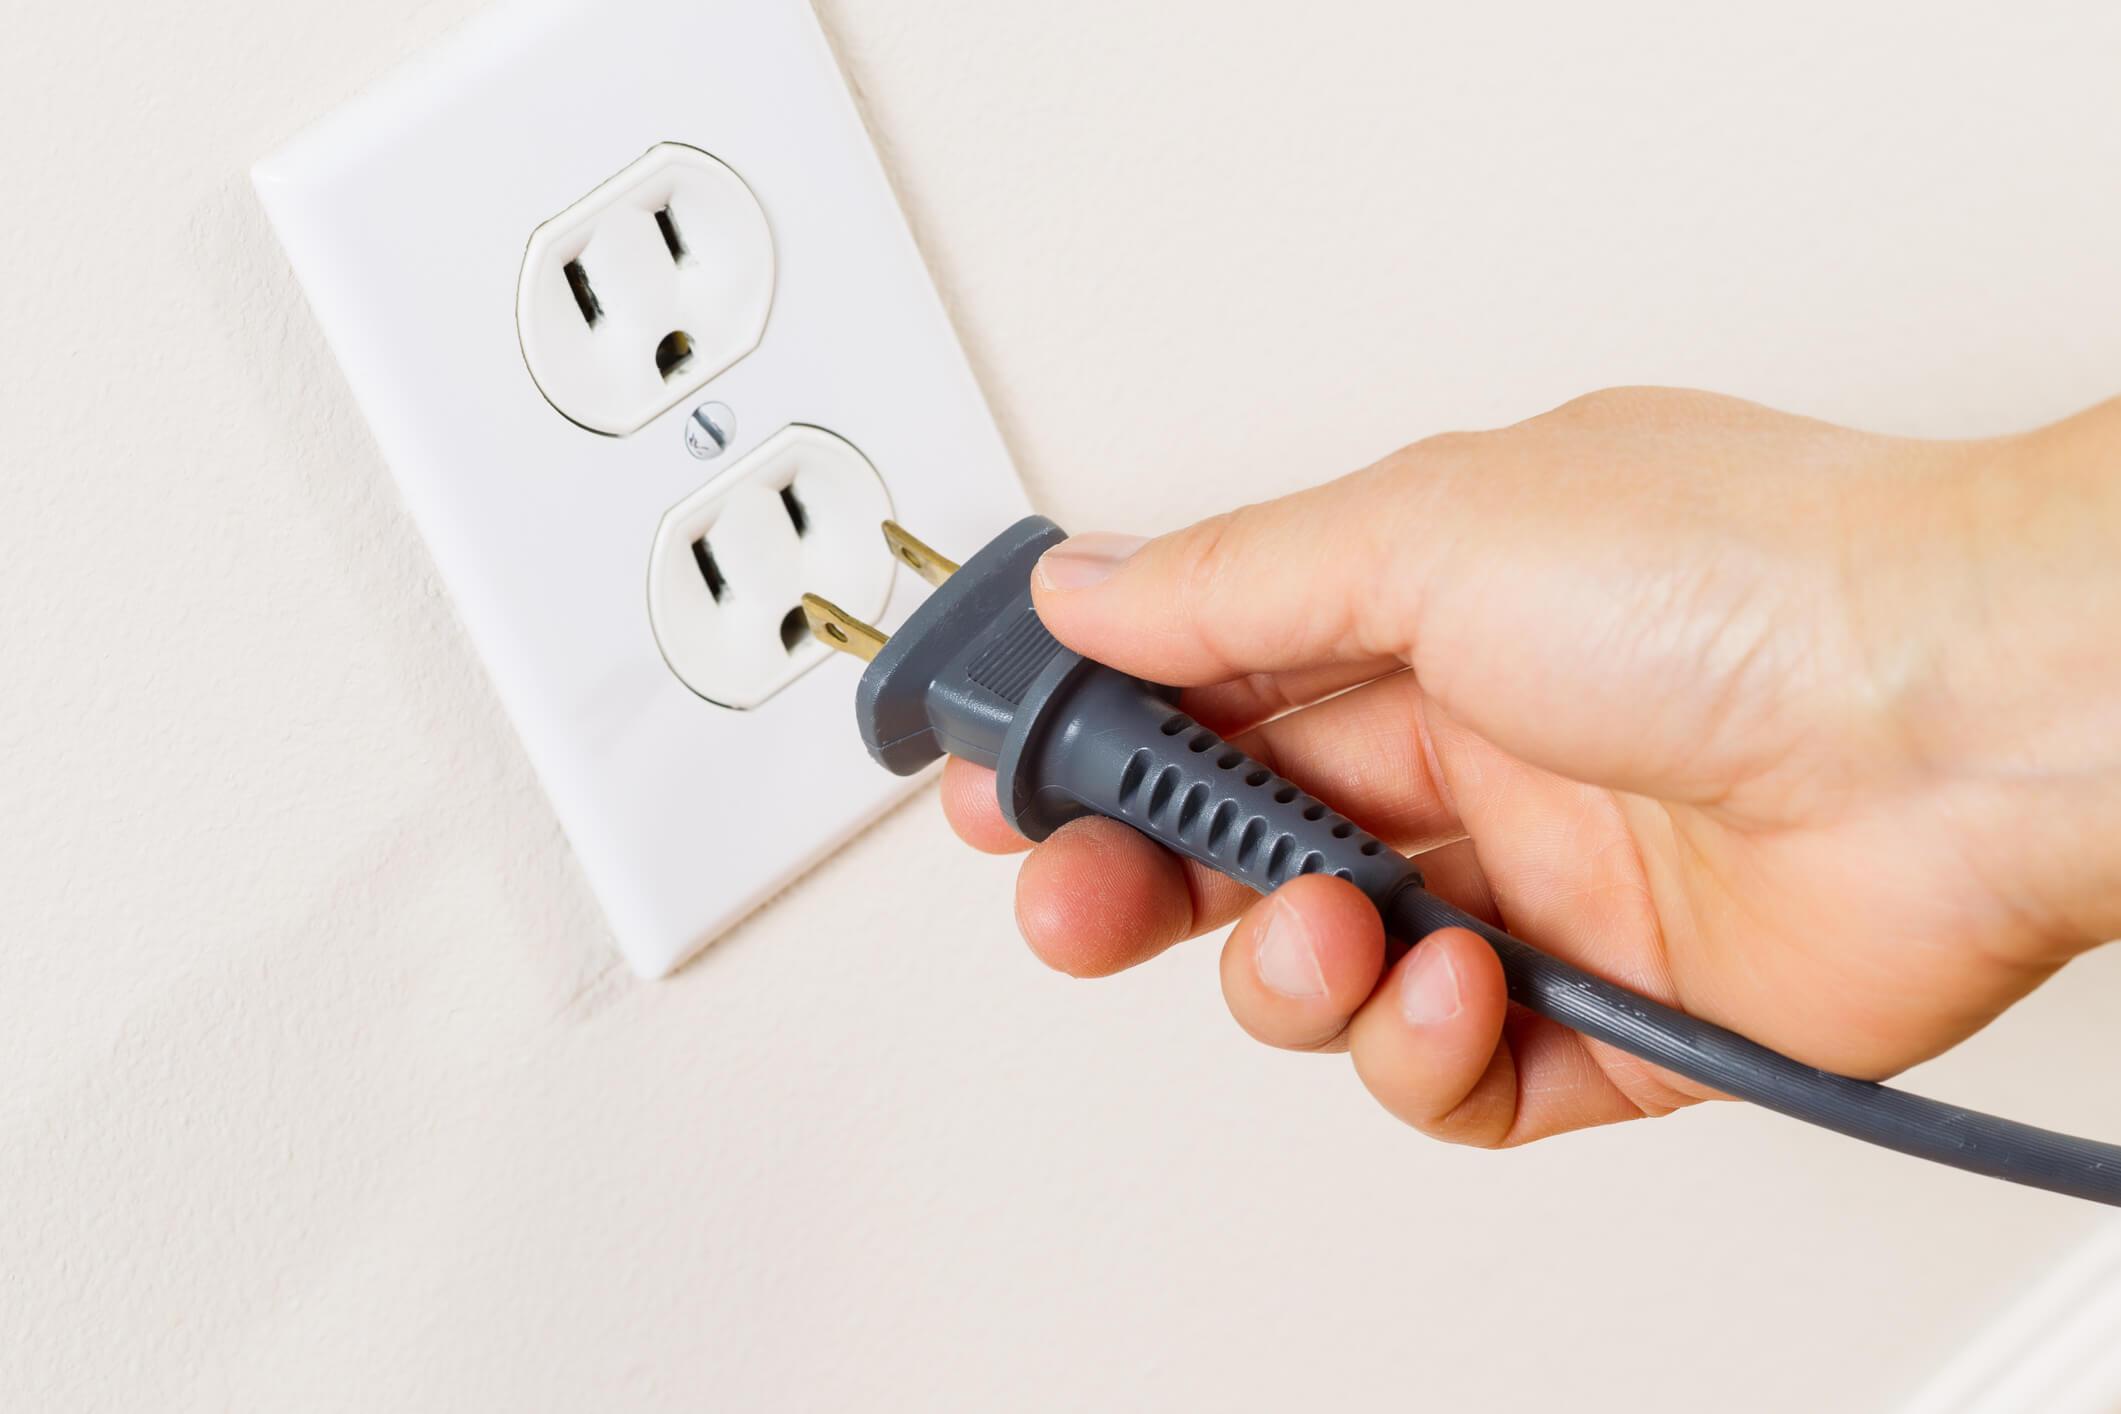 Afinal, deixar aparelhos na tomada gasta energia? Entenda aqui